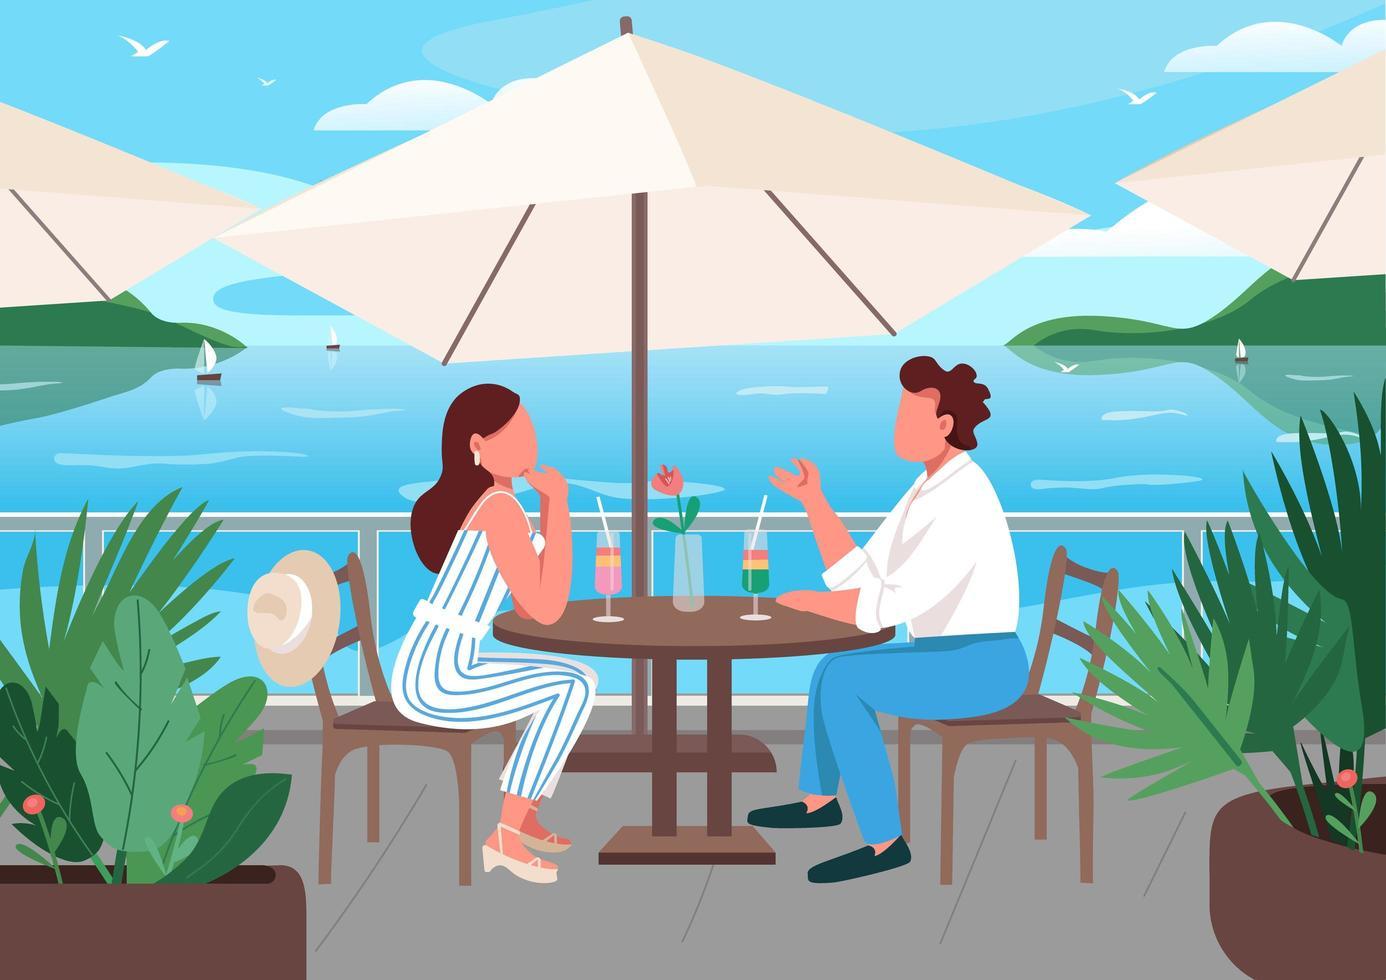 amici facendo colazione nella caffetteria località balneare vettore